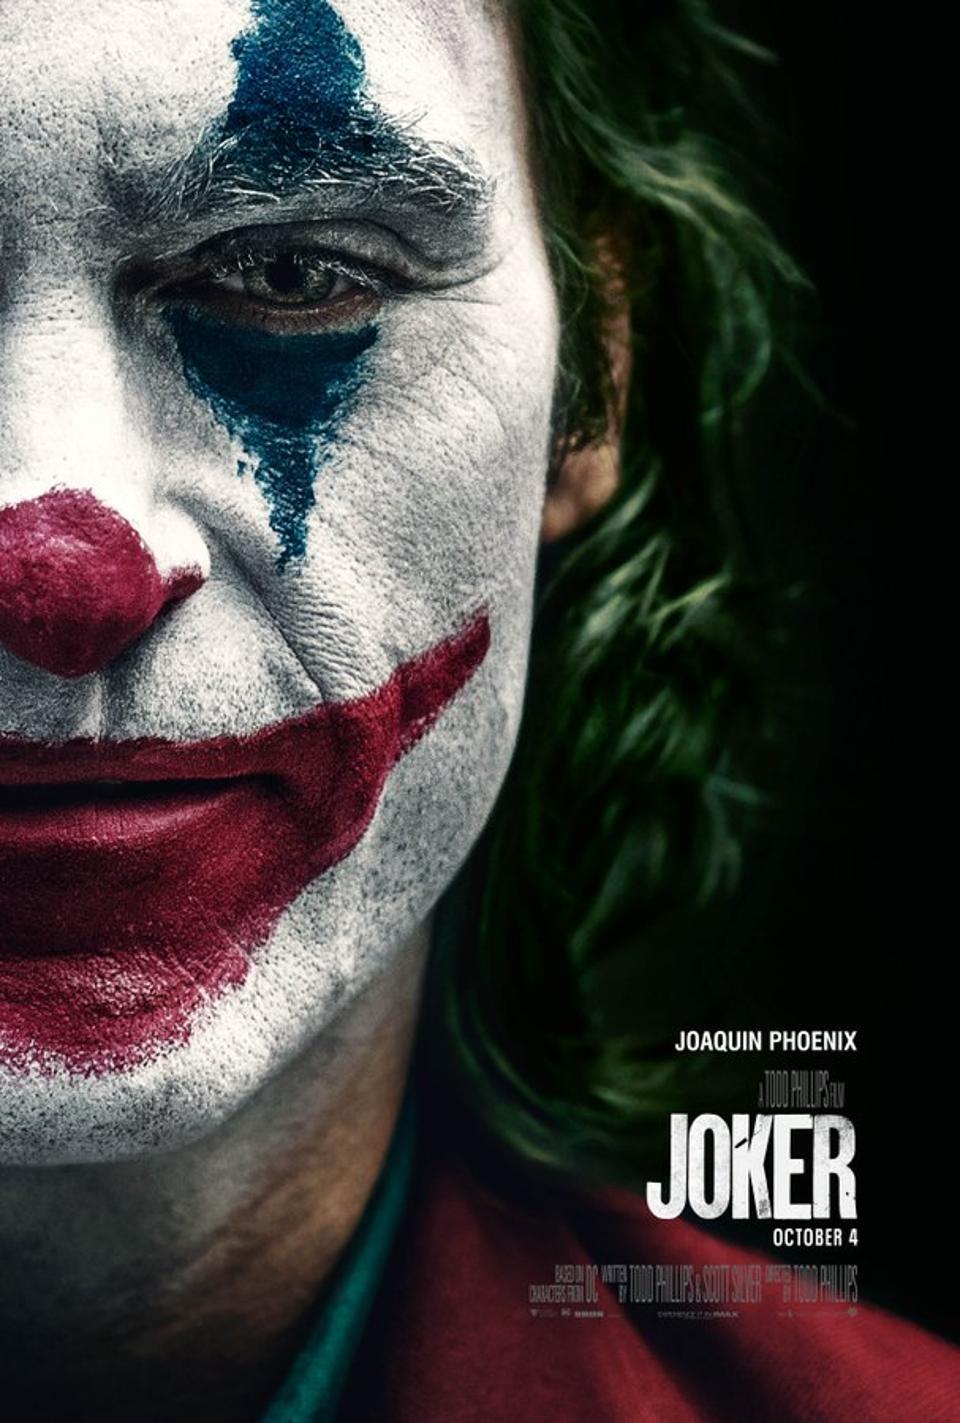 Joker (UHD) for £4.99 on Rakuten TV